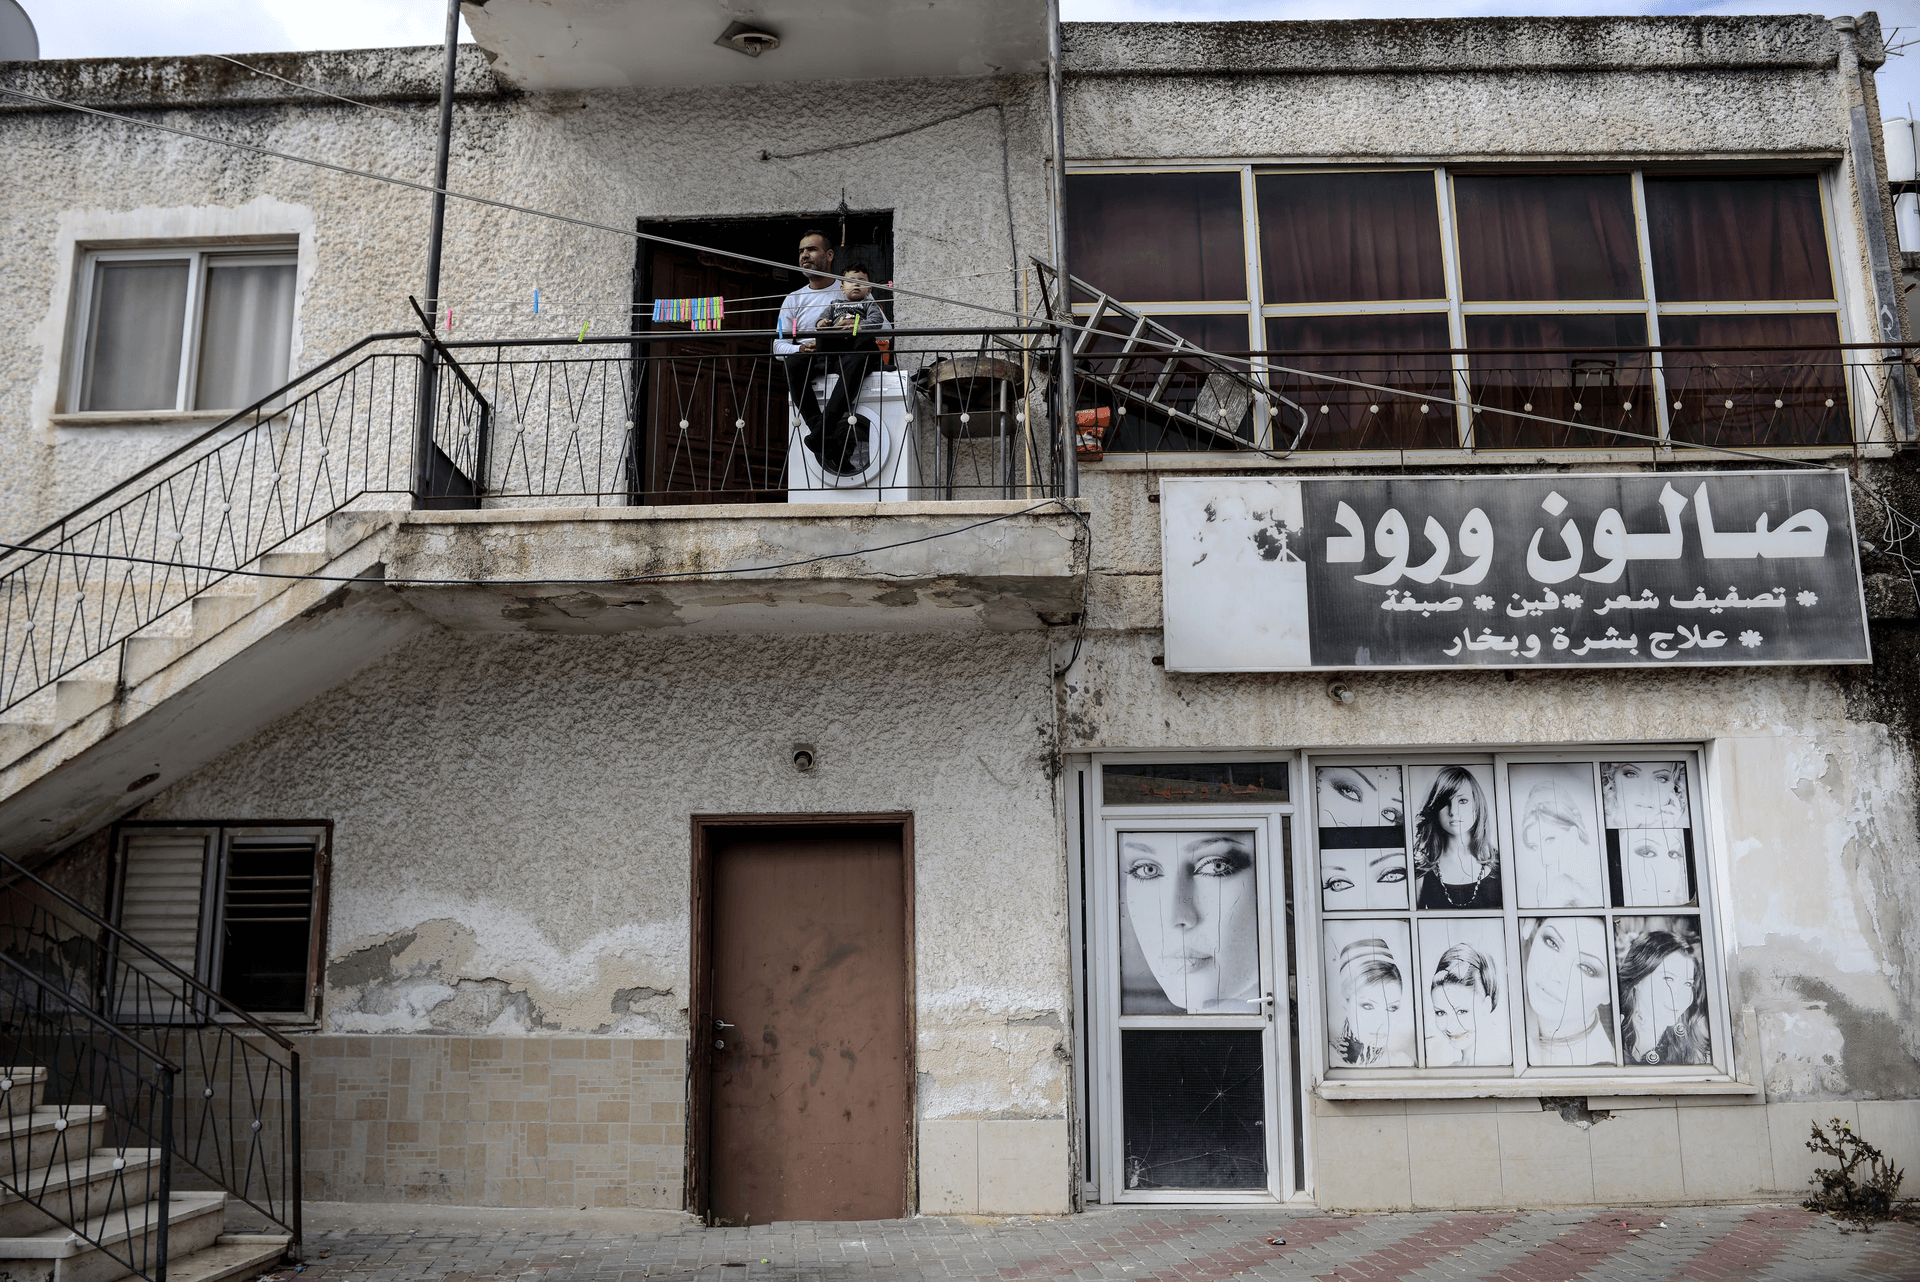 אב ובנו בבאקה אל-גרבייה. צילום אילוסטרציה: ביא בר קלוש